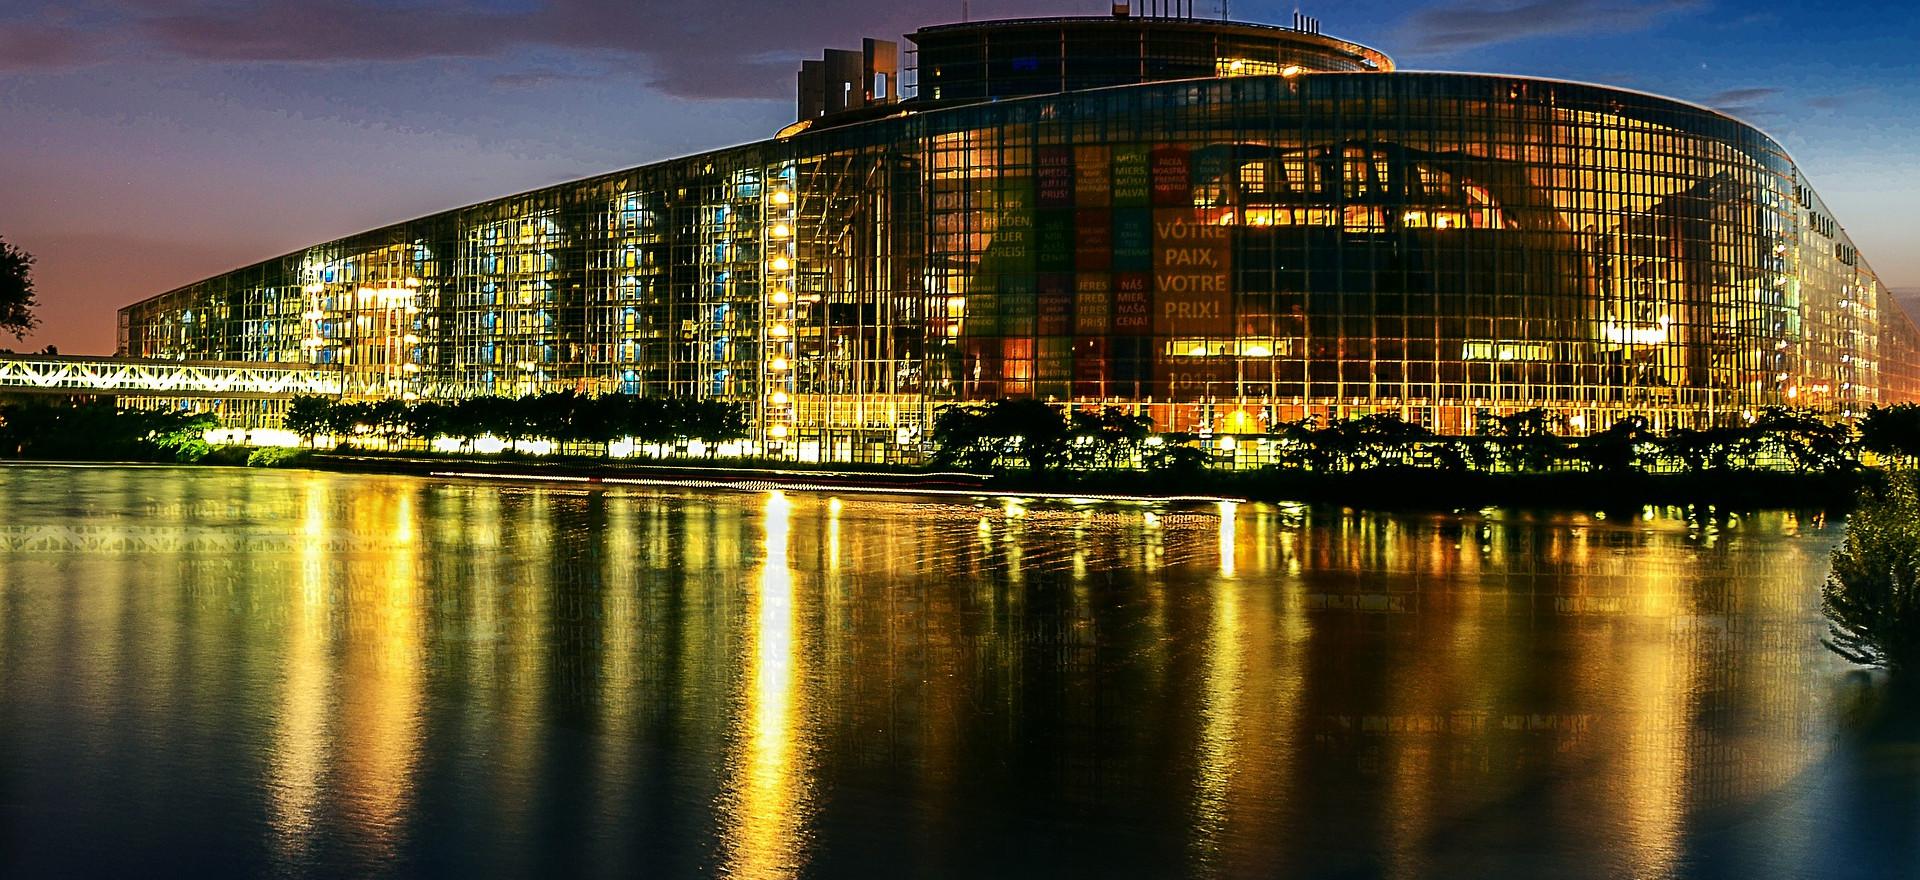 Le parlement Européen à Strasbourg